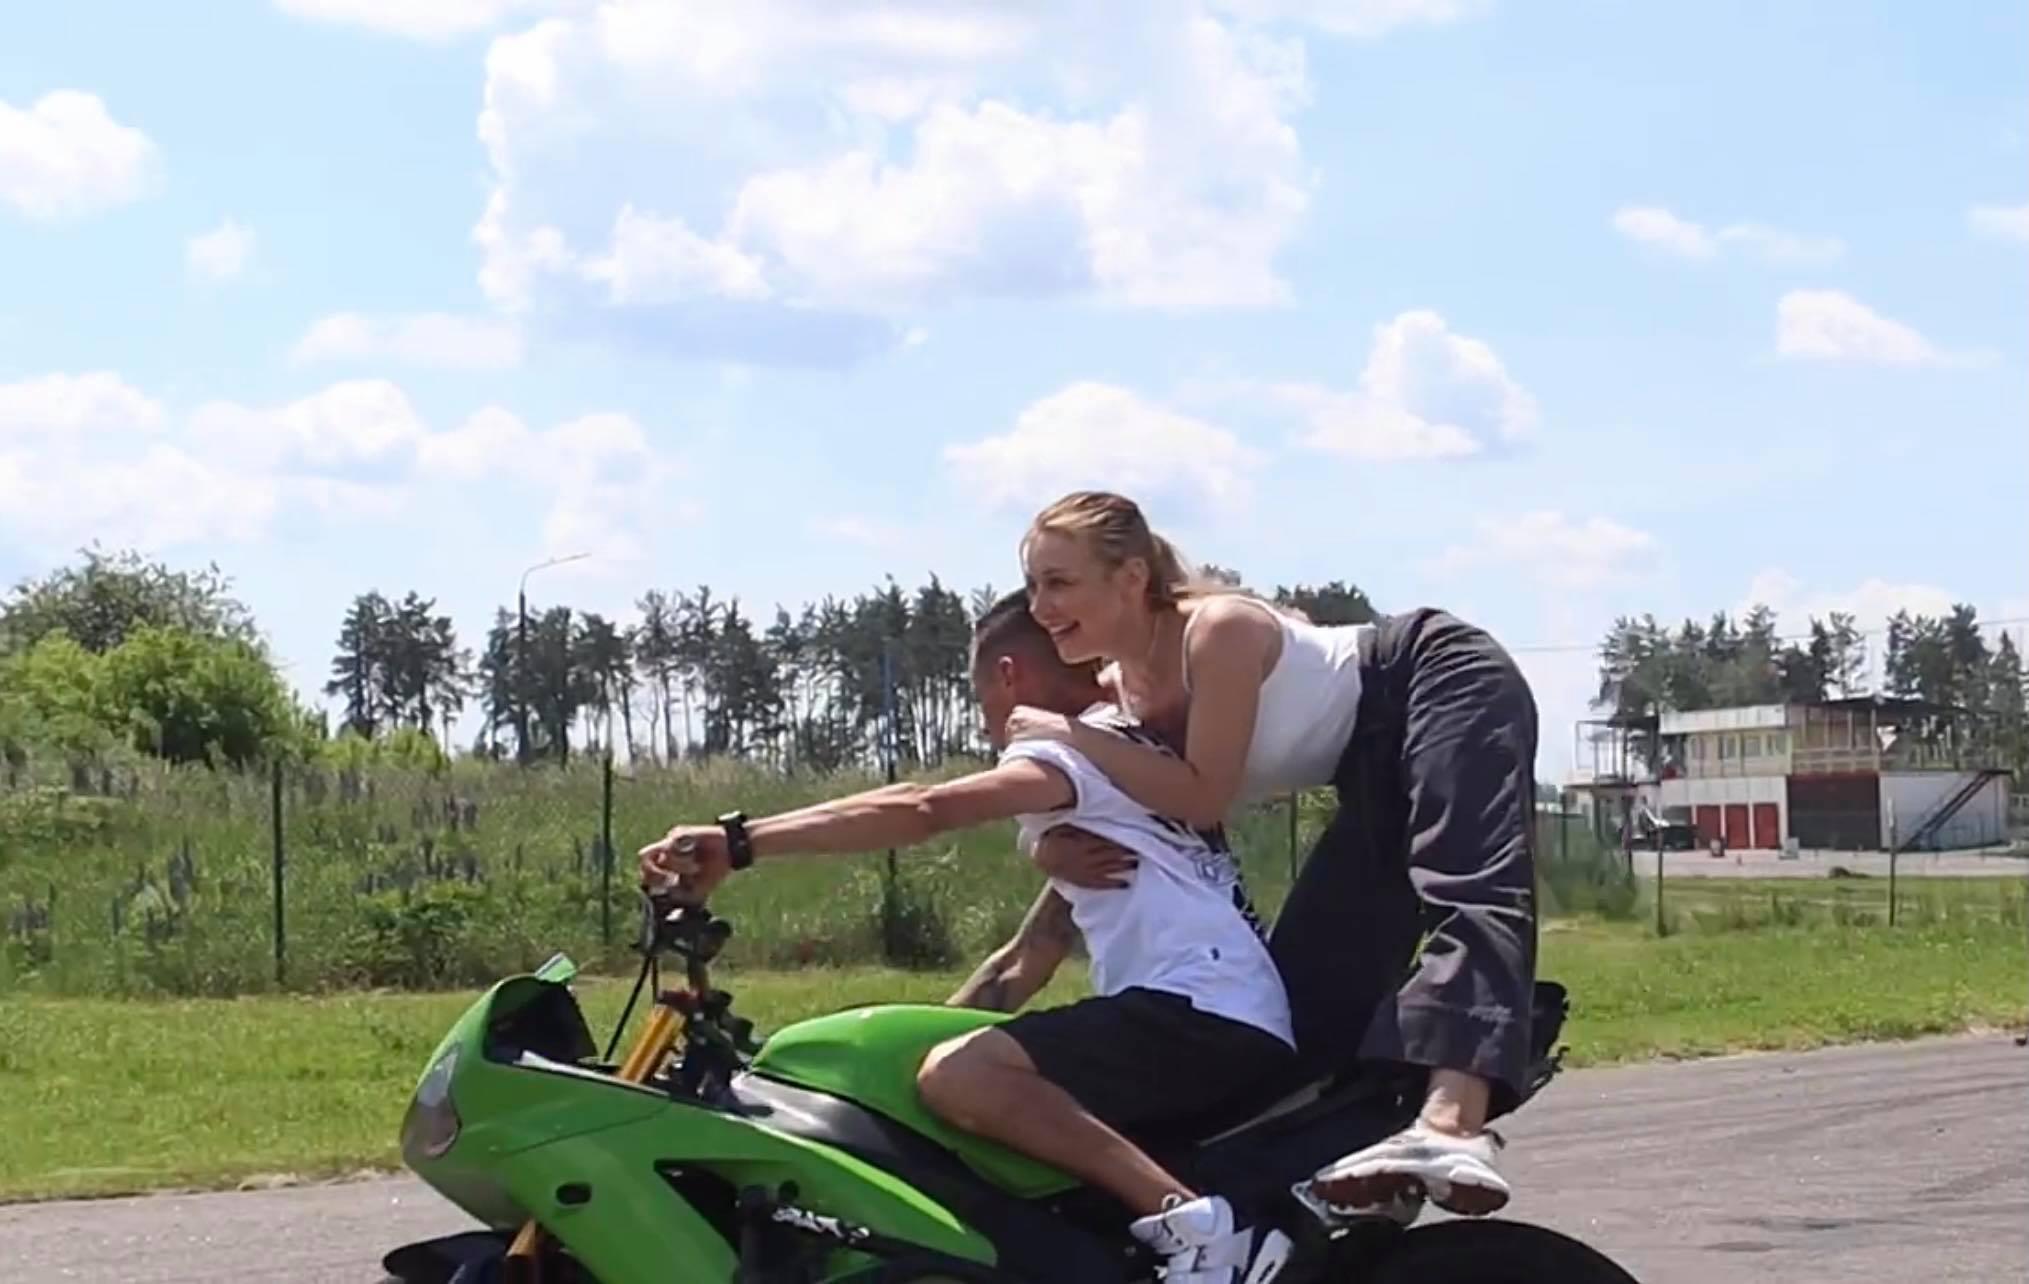 Подготовка к Atlas Weekend: Тина Кароль пересела на мотоцикл для трюков на сцене (ФОТО + ВИДЕО) - фото №1